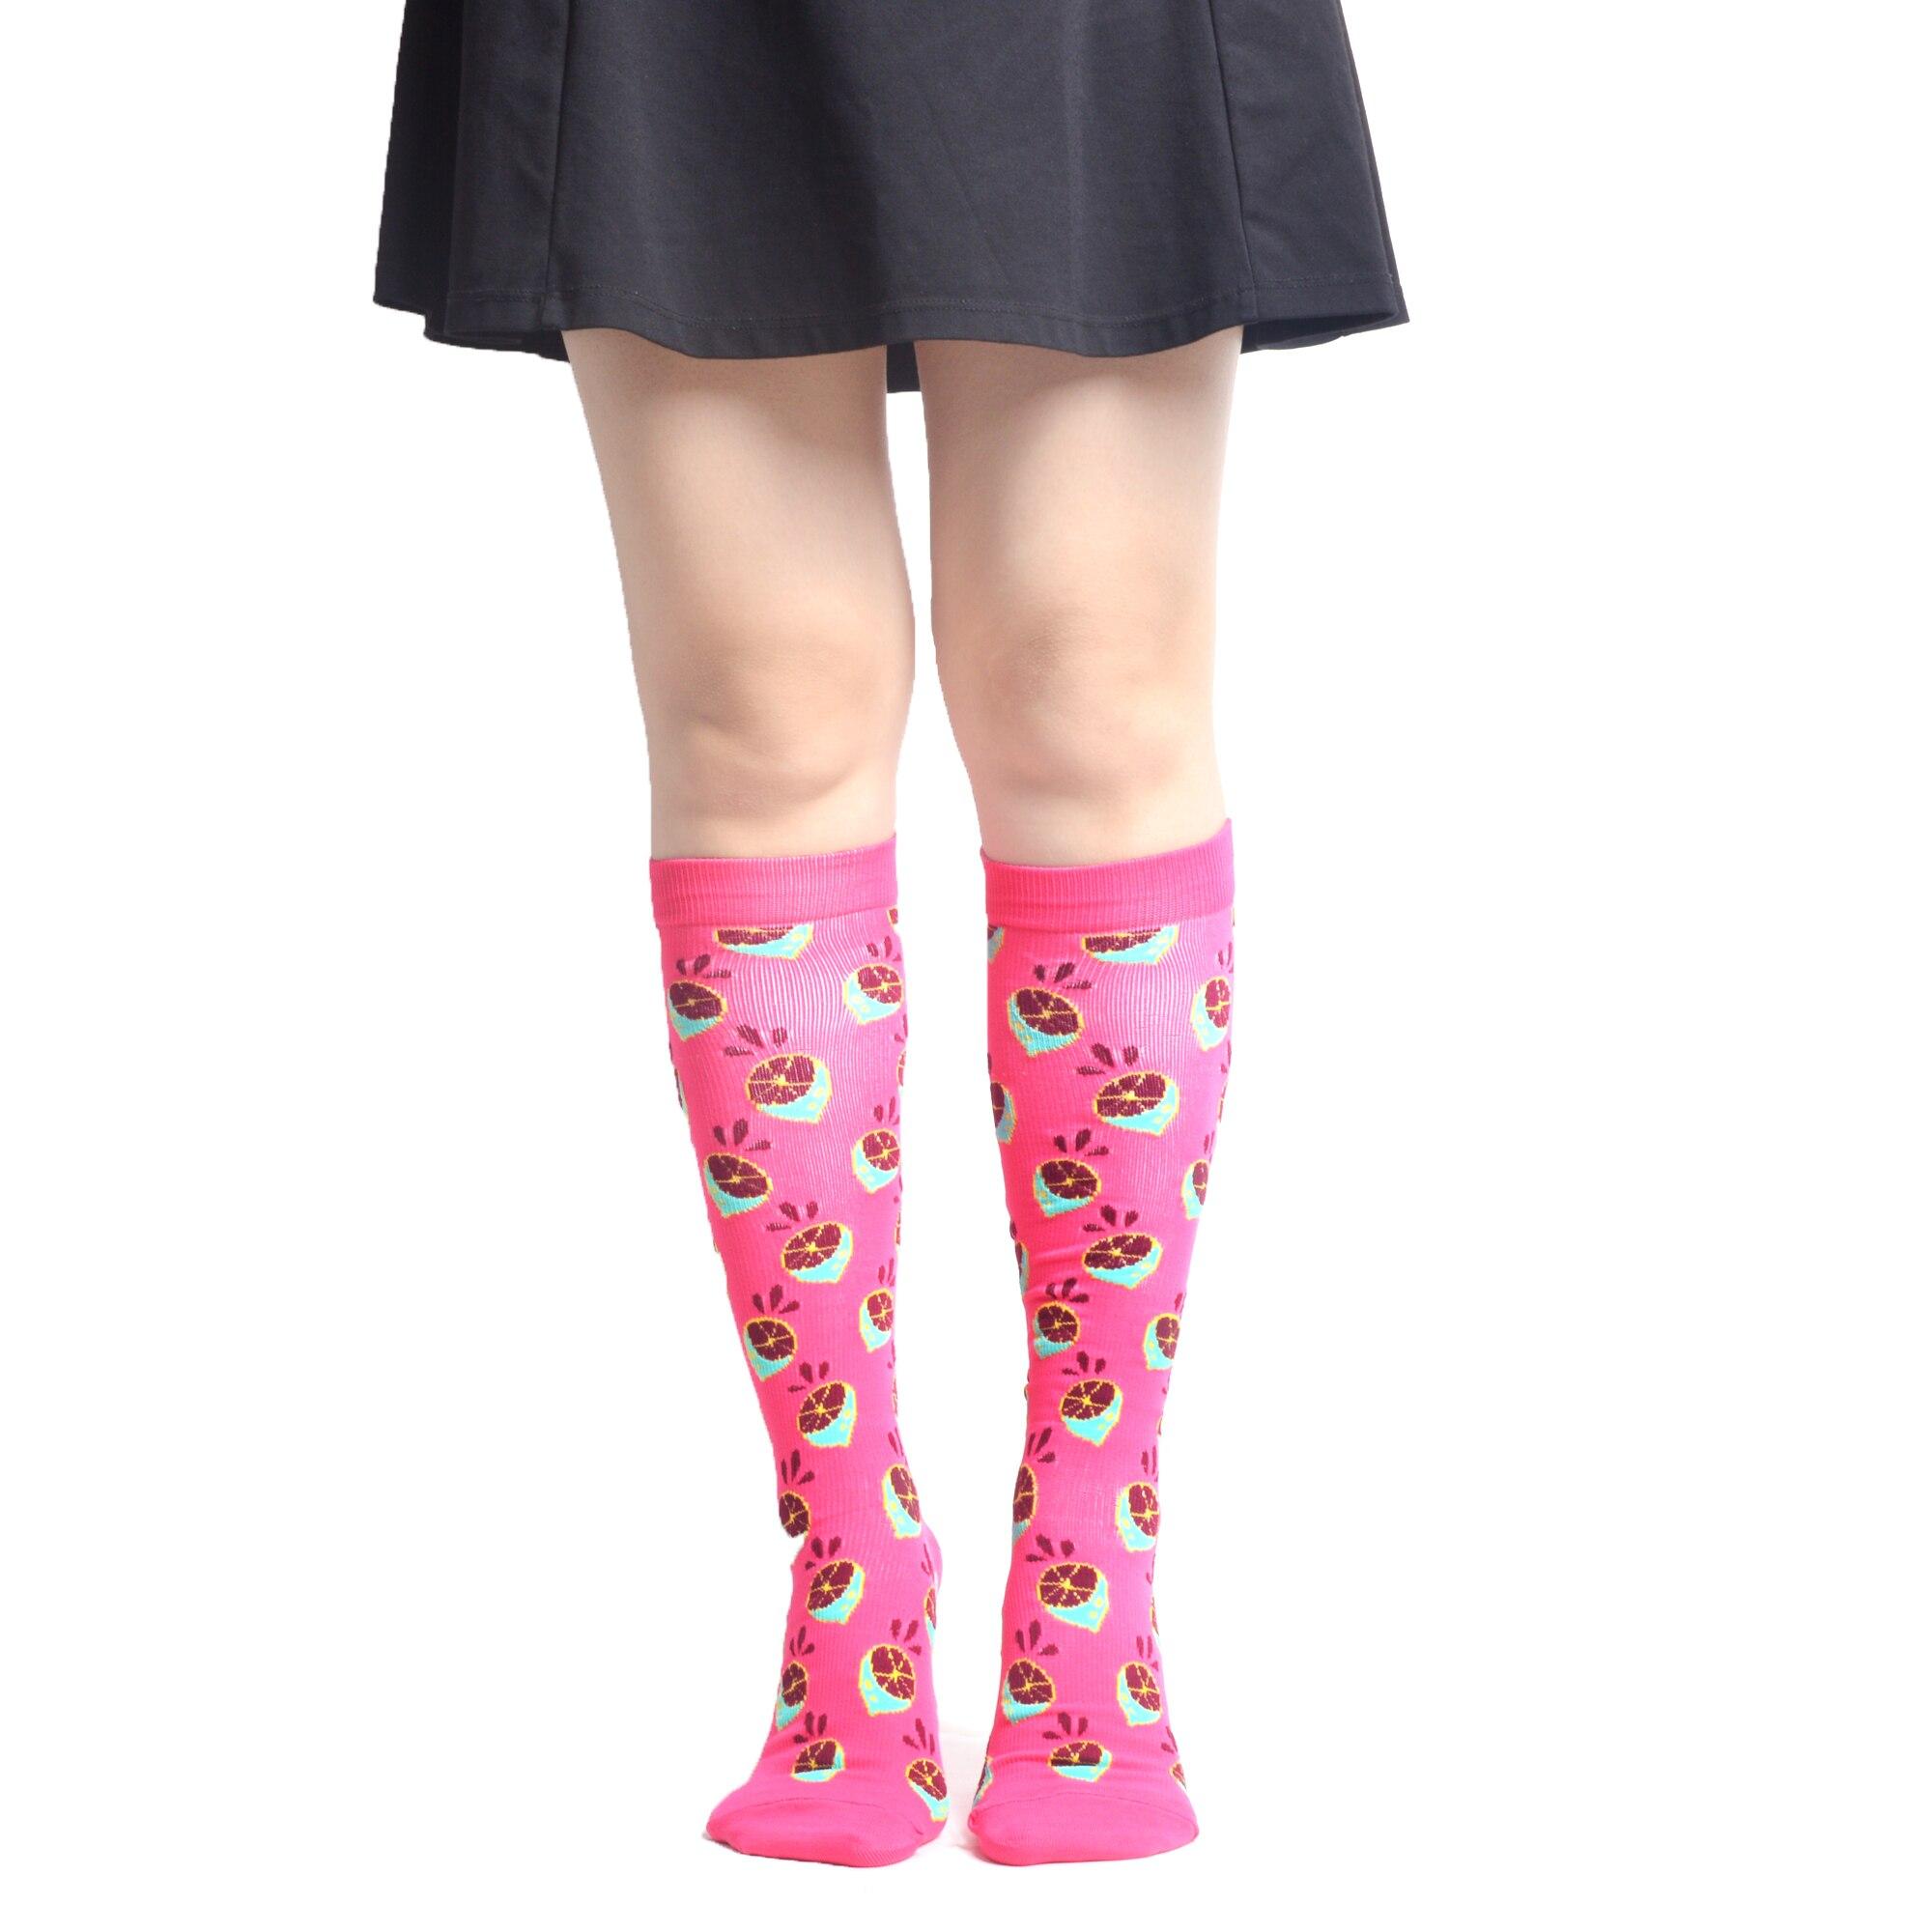 Image 4 - SANZETTI 4 пар/лот, женские лоскутные носки из чесаного хлопка с фруктами, Компрессионные носки, вечерние ниже колена, клетчатые, не утомляющие, длинные забавные носки-in Чулки from Нижнее белье и пижамы on AliExpress - 11.11_Double 11_Singles' Day